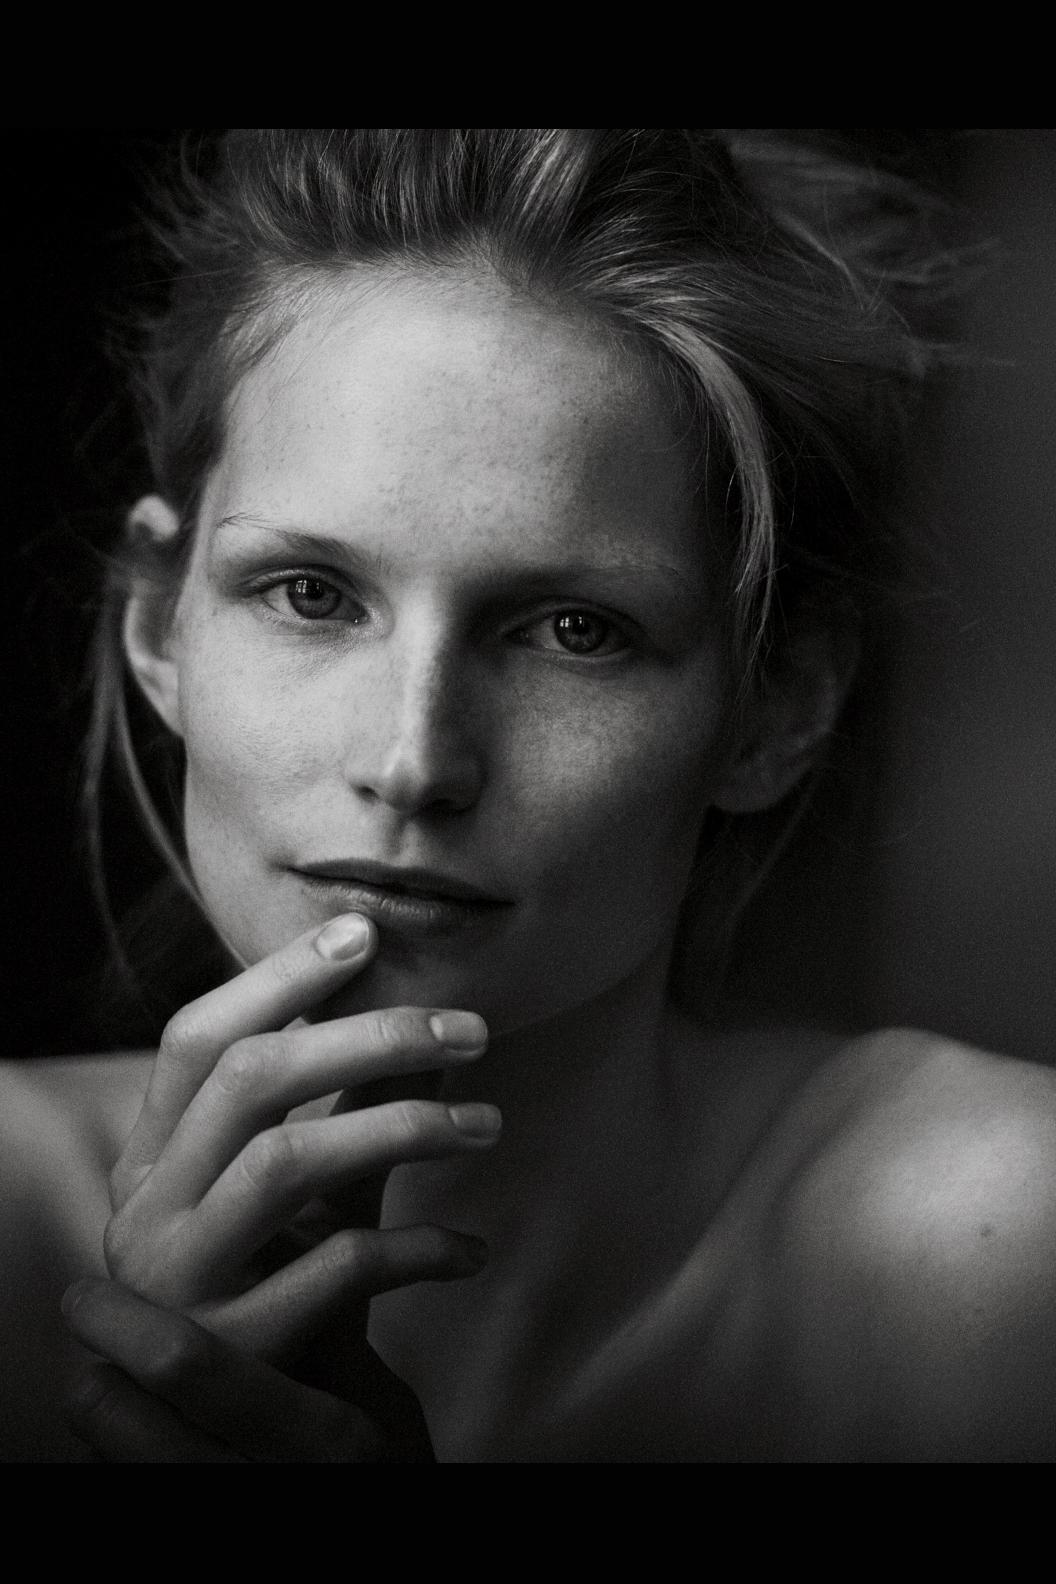 http://3.bp.blogspot.com/-IElBs-7P3bc/T7Q0cj_225I/AAAAAAAAGmY/q6nLOeJv2SA/s1600/German+Vogue+June+2012+Lindbergh+TFS7.jpg